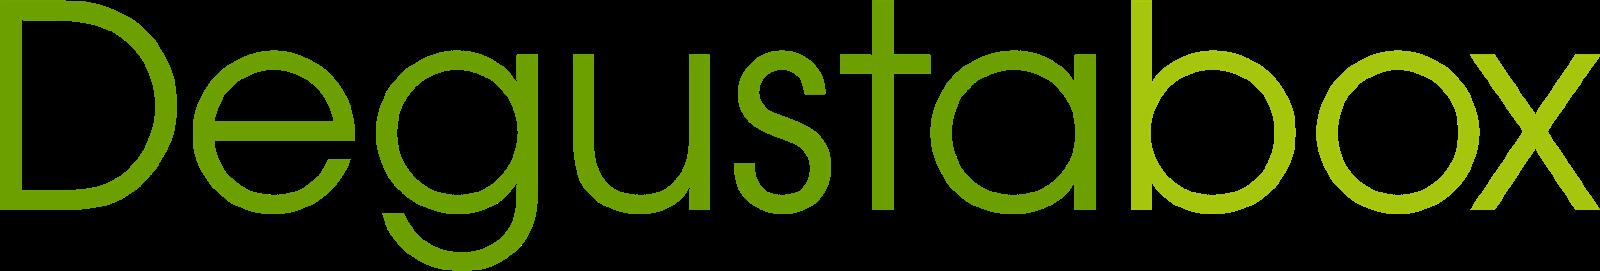 Deguastabox logo